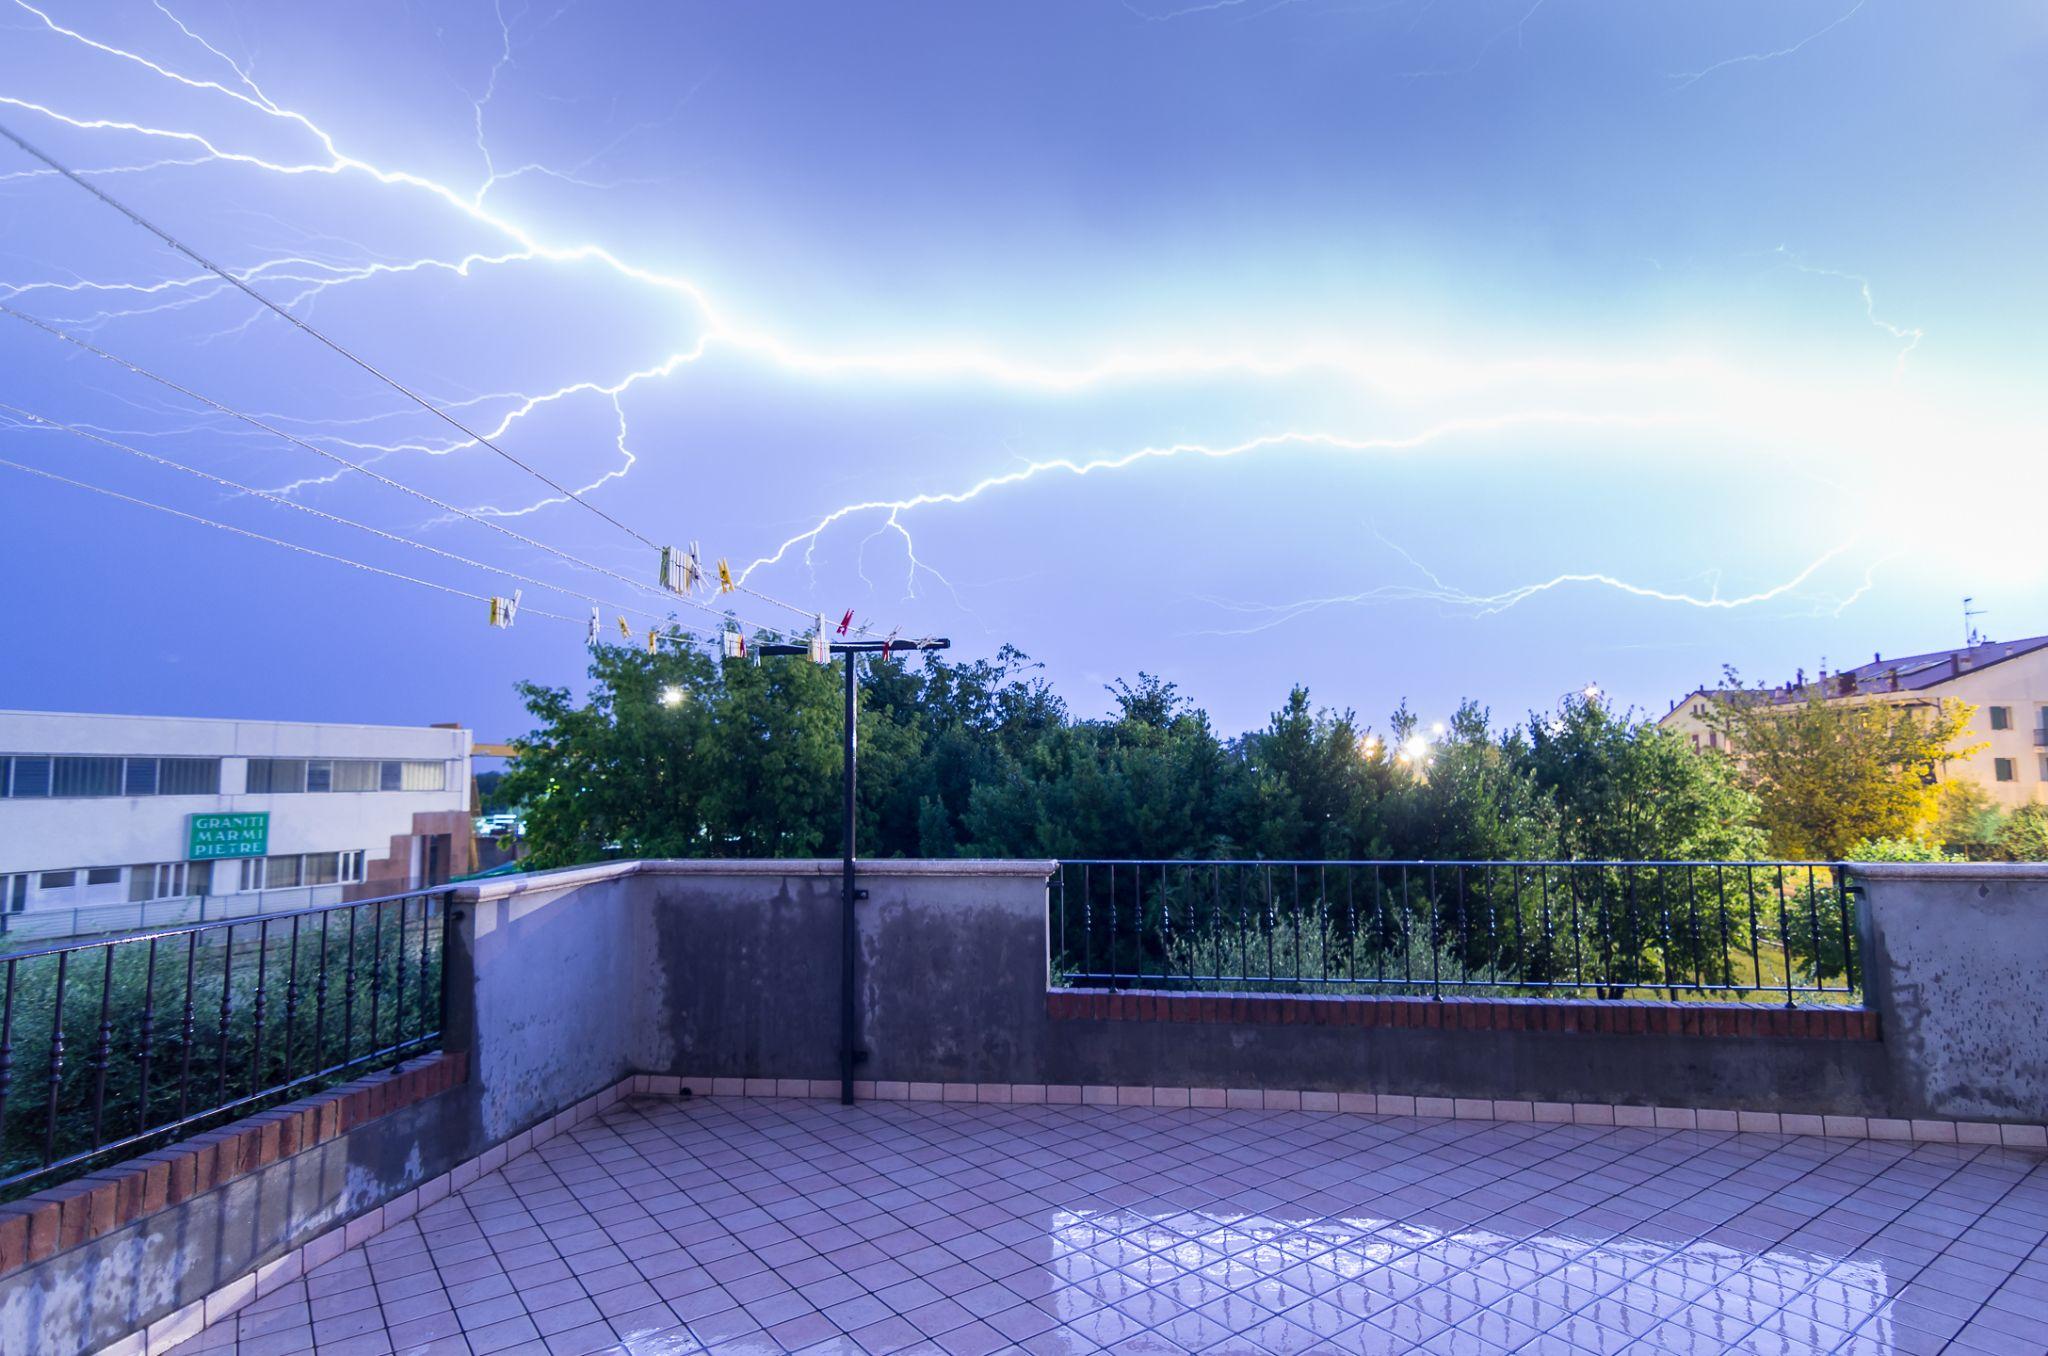 SKY by MrBrugolani